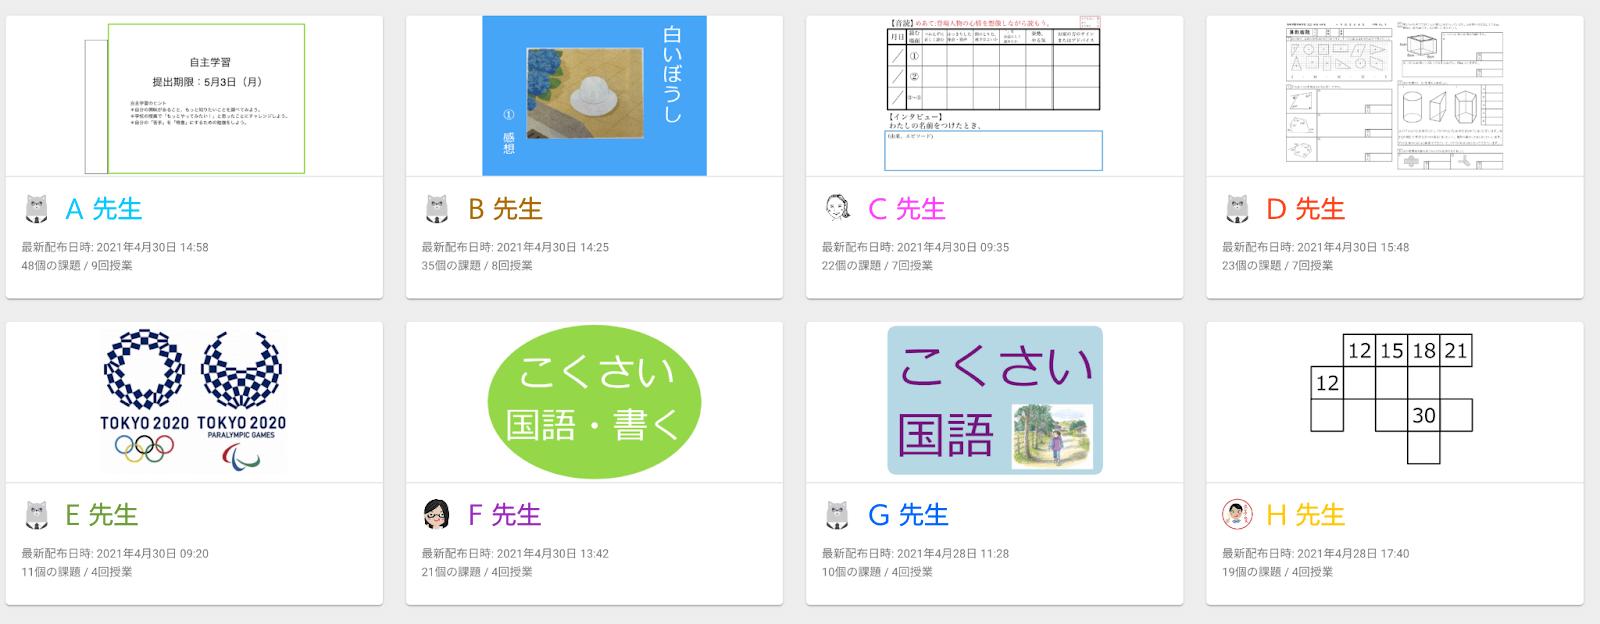 生徒の回答キャンバスを含めた課題を、先生ごとに一覧できます